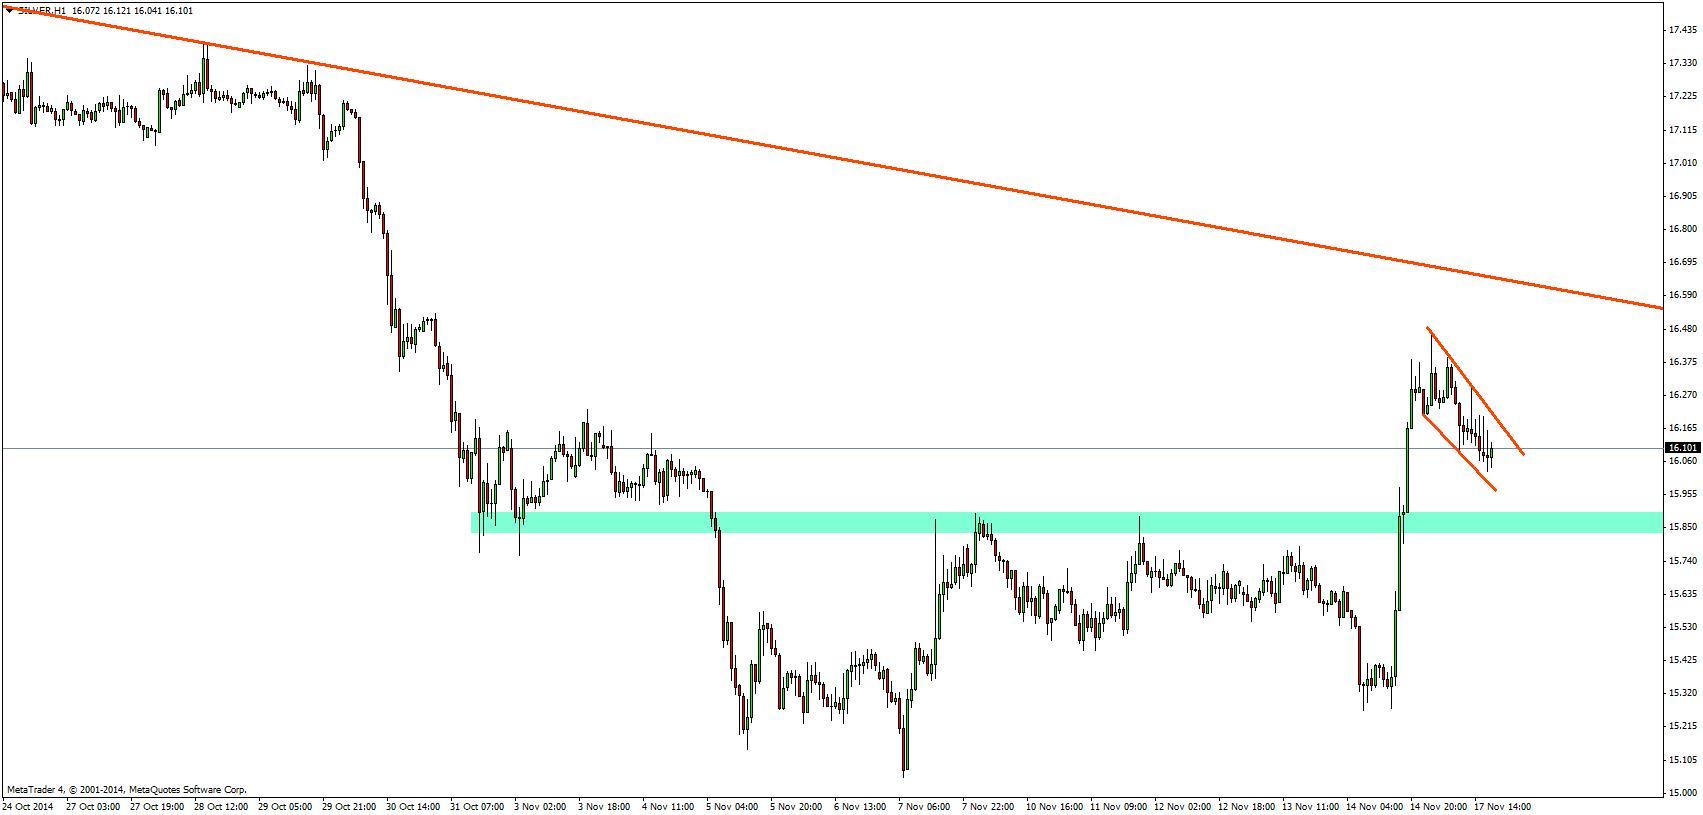 Spojrzenie techniczne na srebro oczami Admiral markets